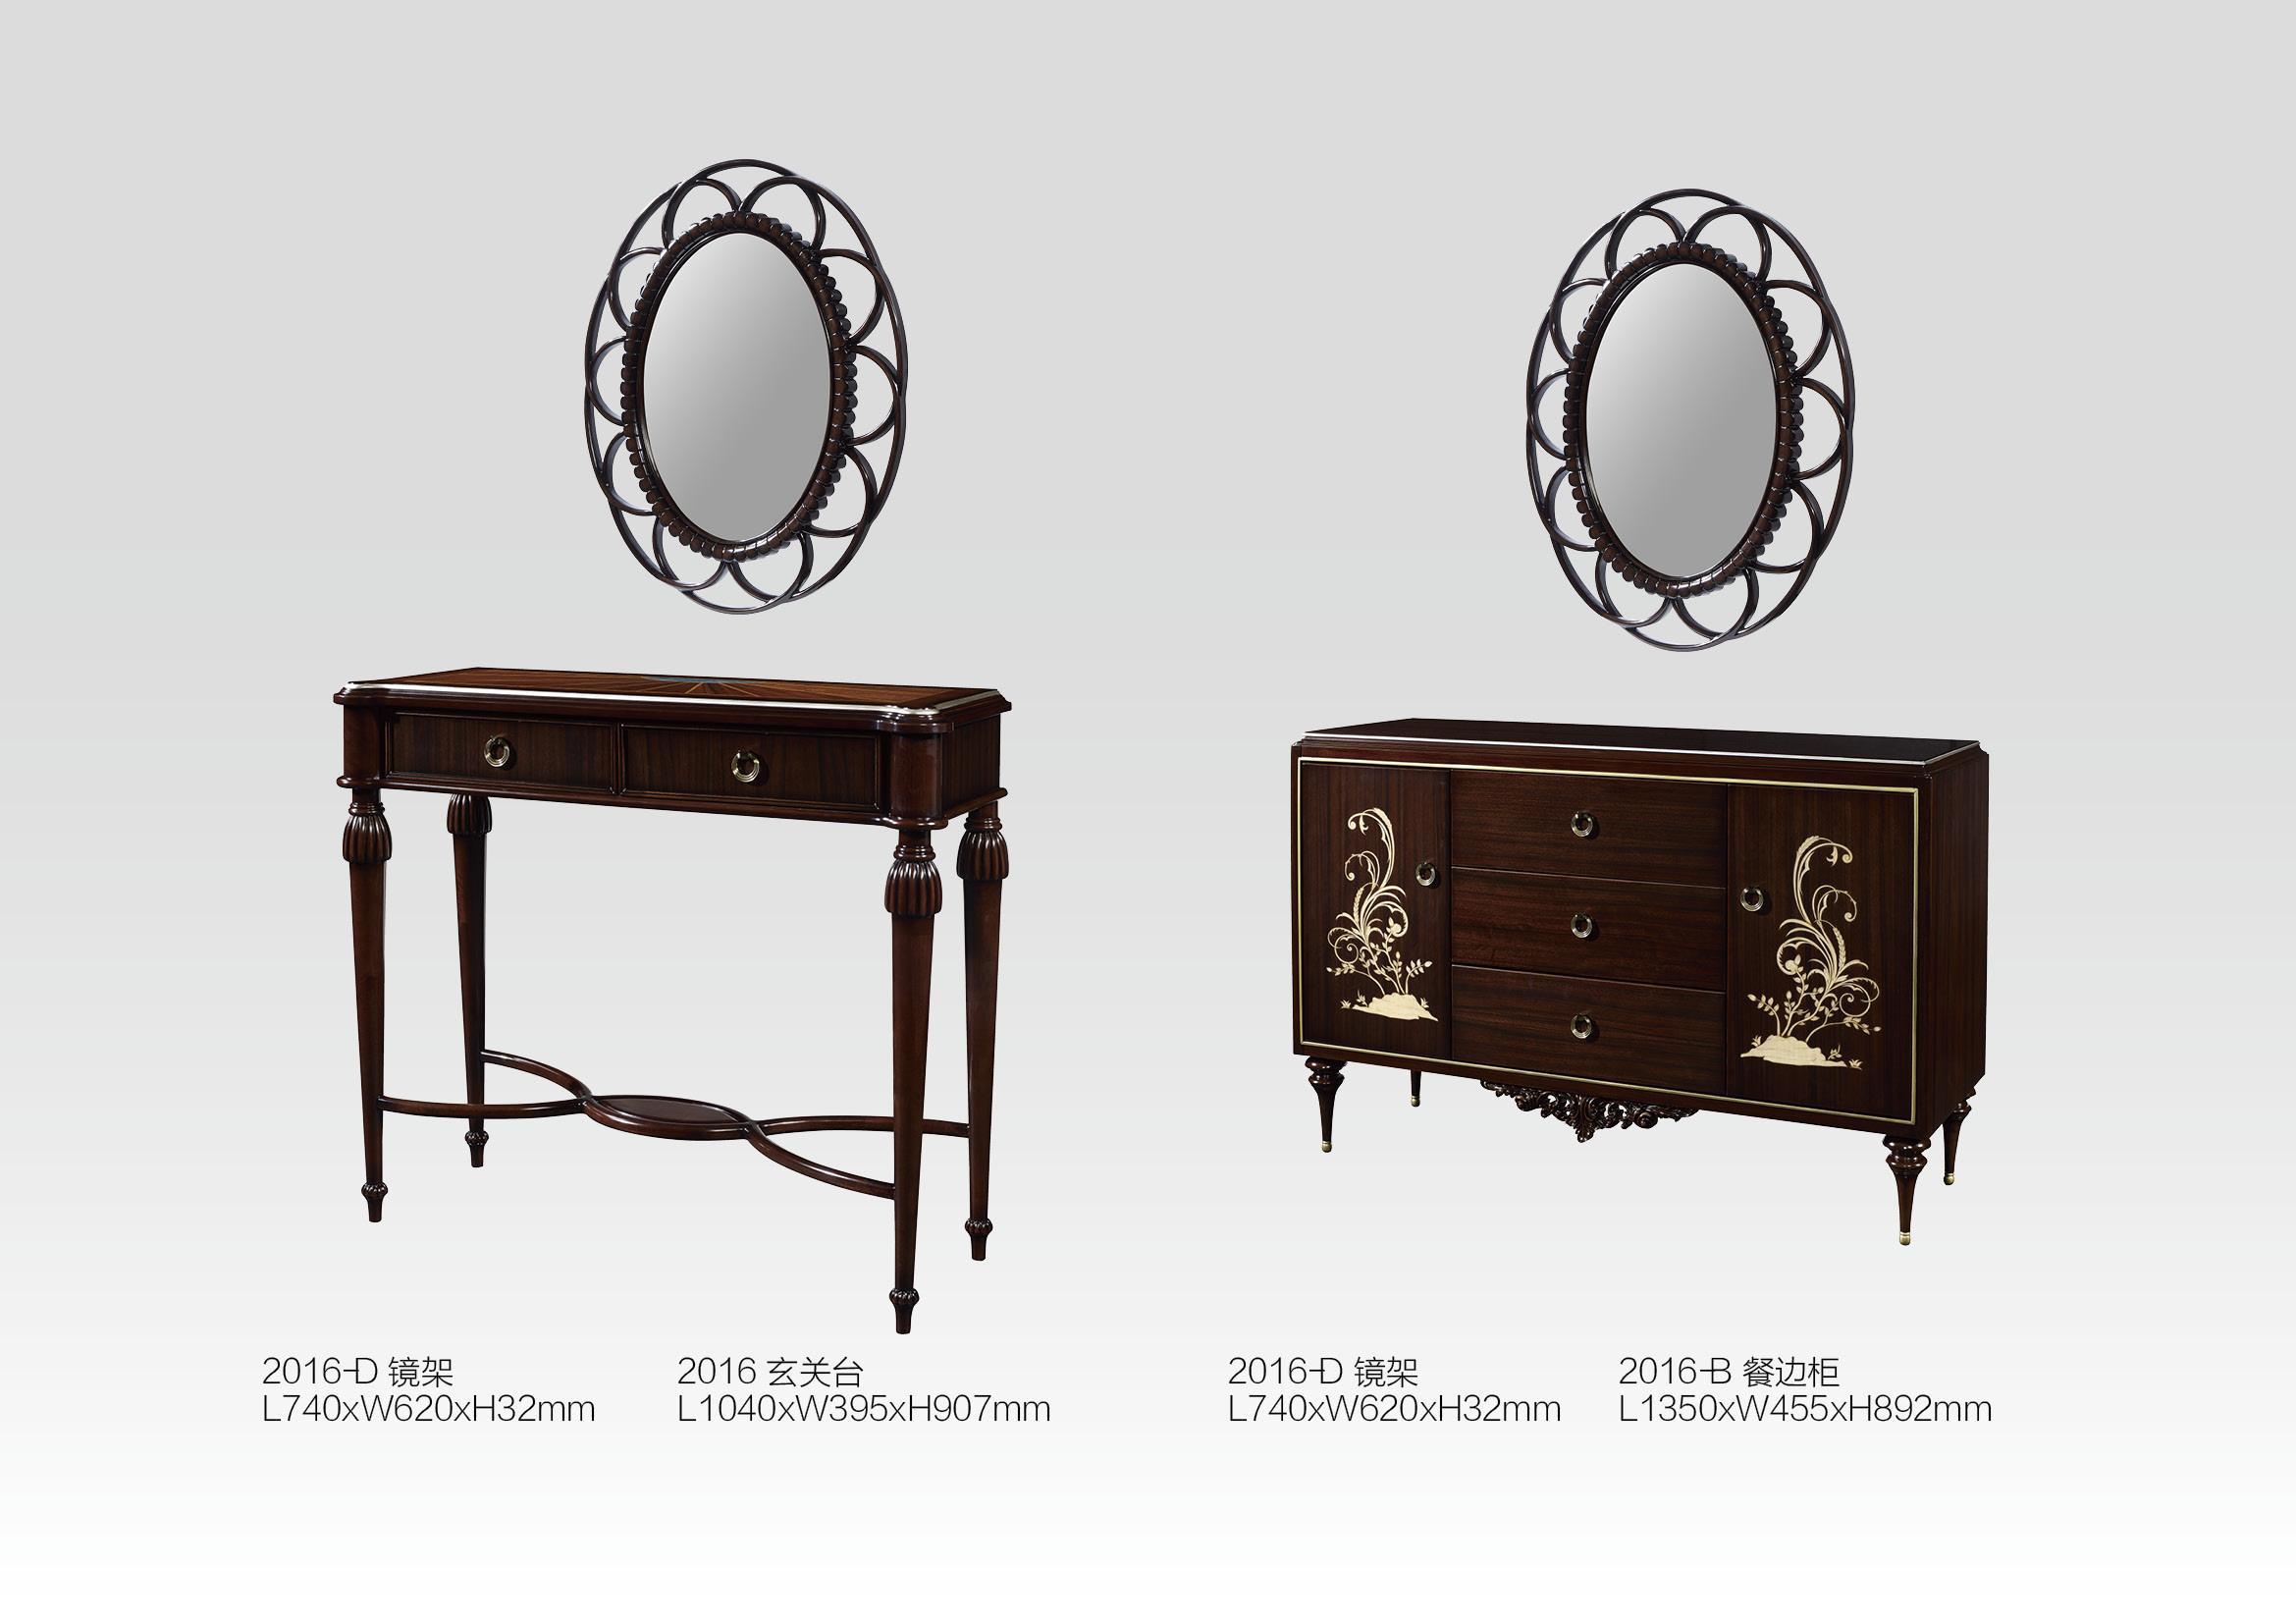 英式美式仿古储物柜镜架后现代玄关柜组合